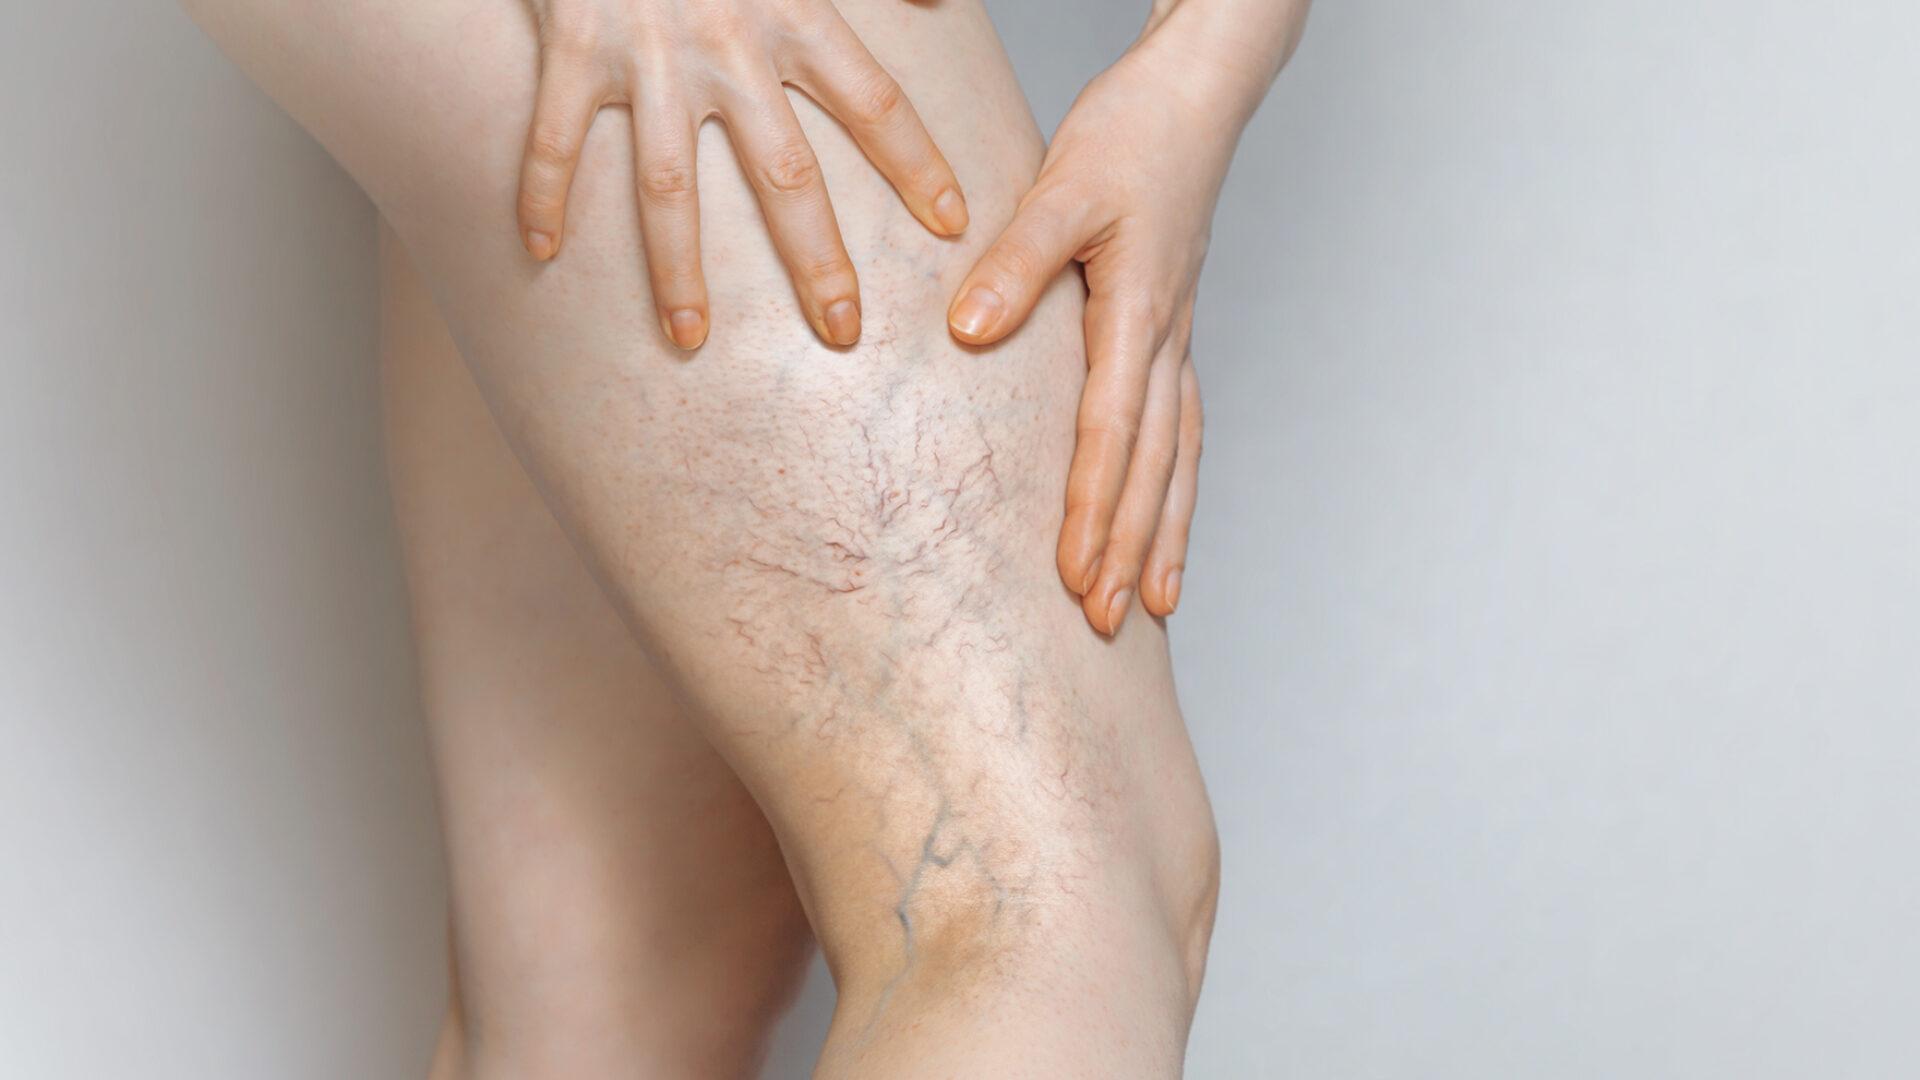 Bein mit Krampfadern.